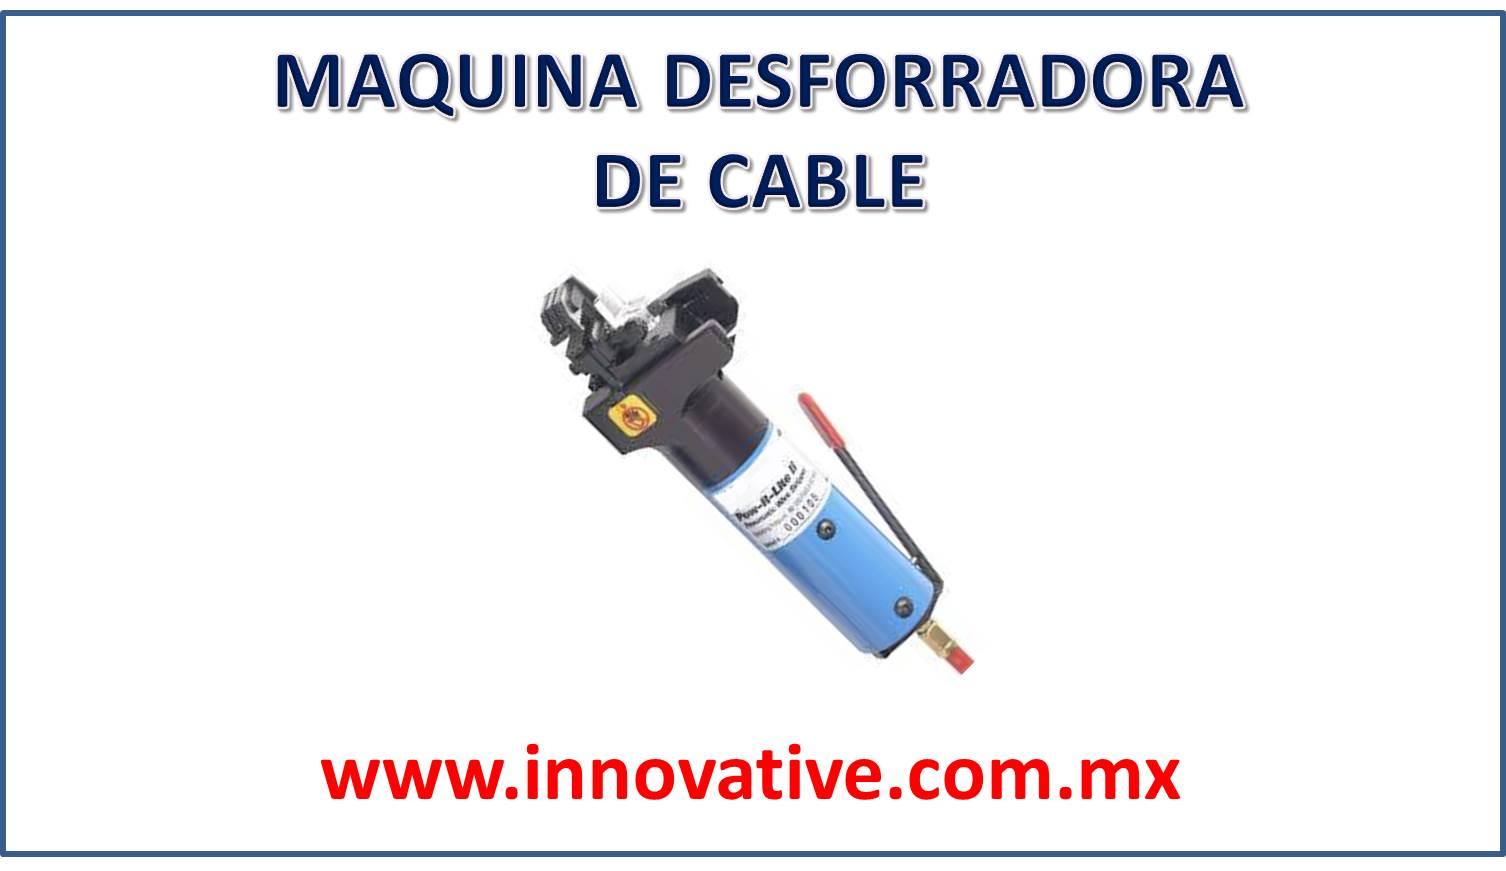 MAQUINA DESFORRADORA DE CABLE